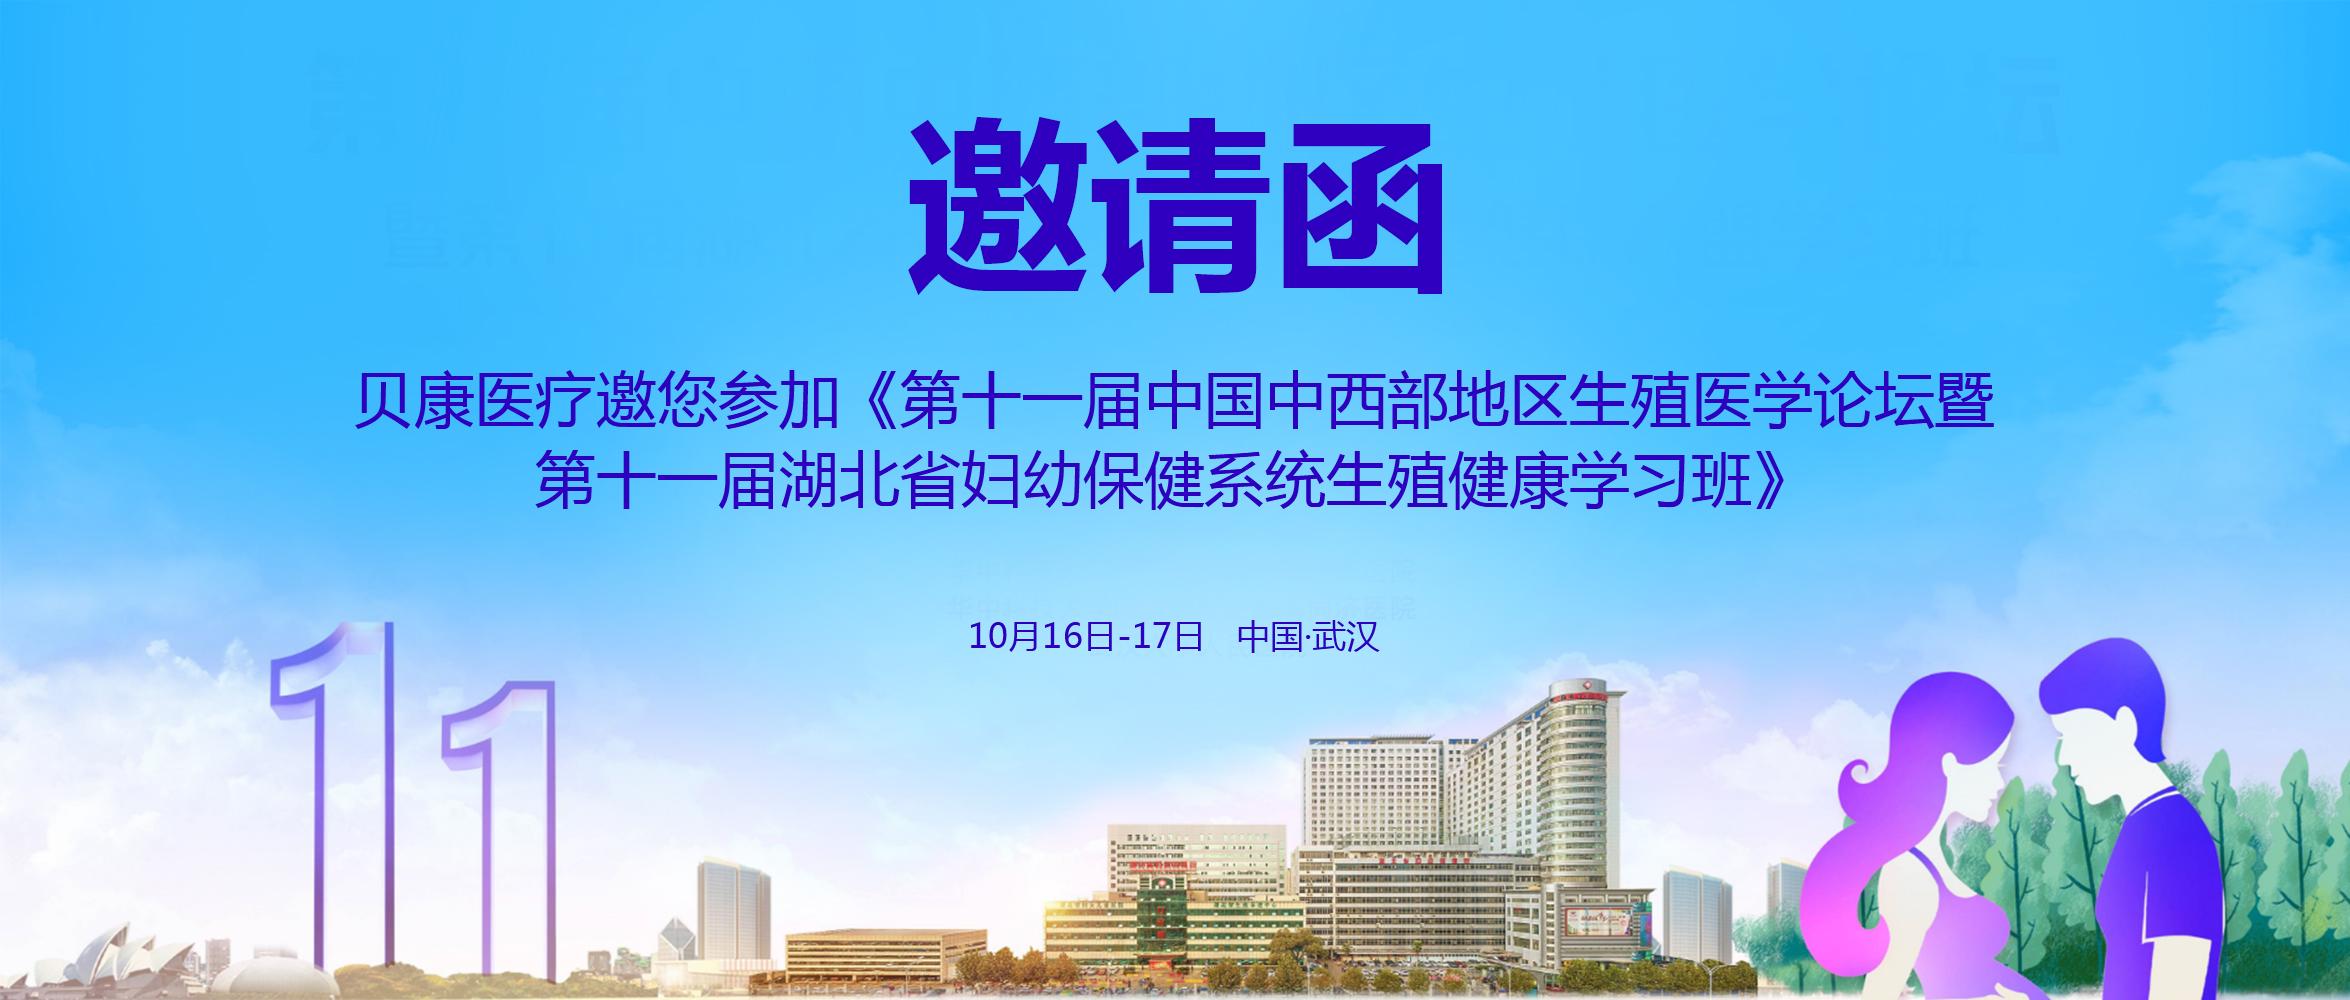 邀请函丨贝康医疗邀您参加《第十一届中国中西部地区生殖医学论坛暨第十一届湖北省妇幼保健系统生殖健康学习班》